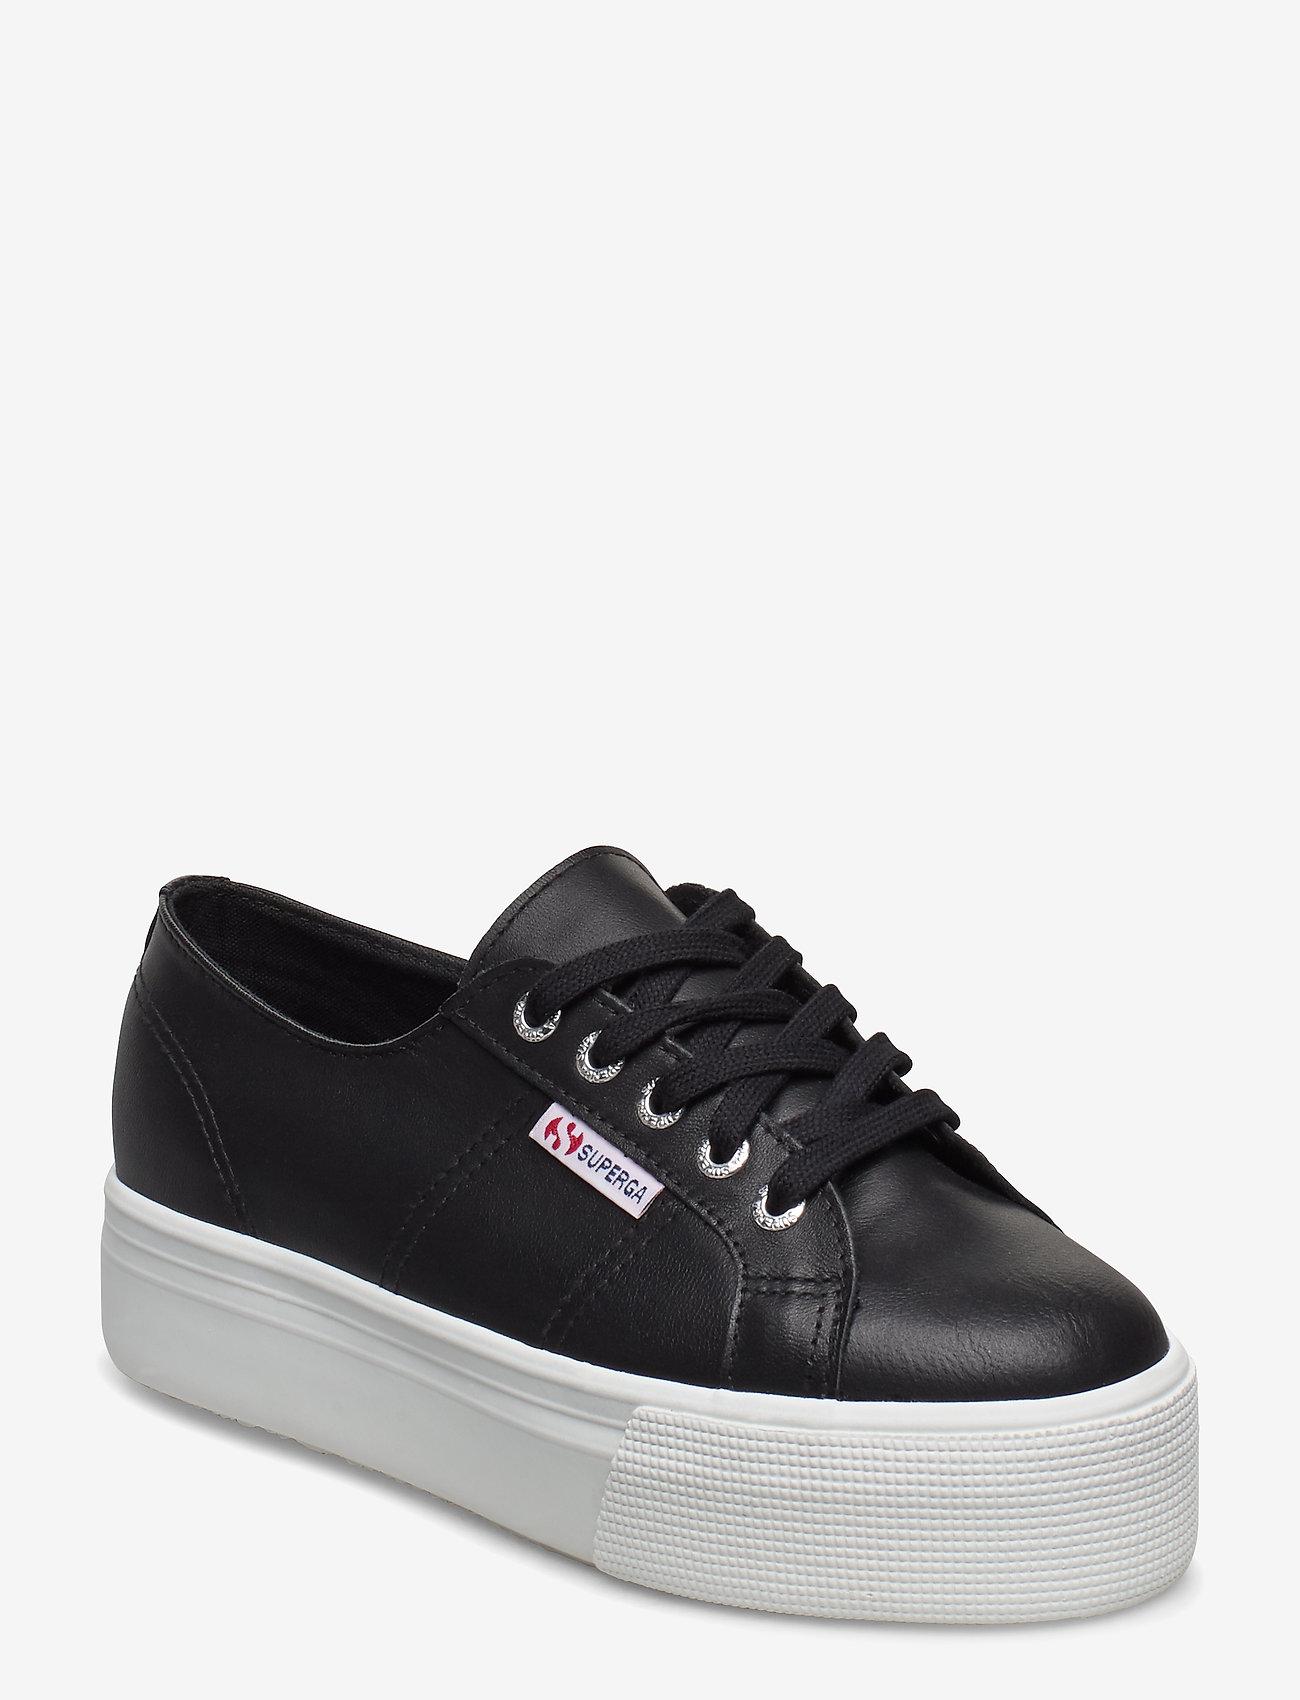 Superga - Superga 2790 NAPLNGCOTW - låga sneakers - black-white - 0